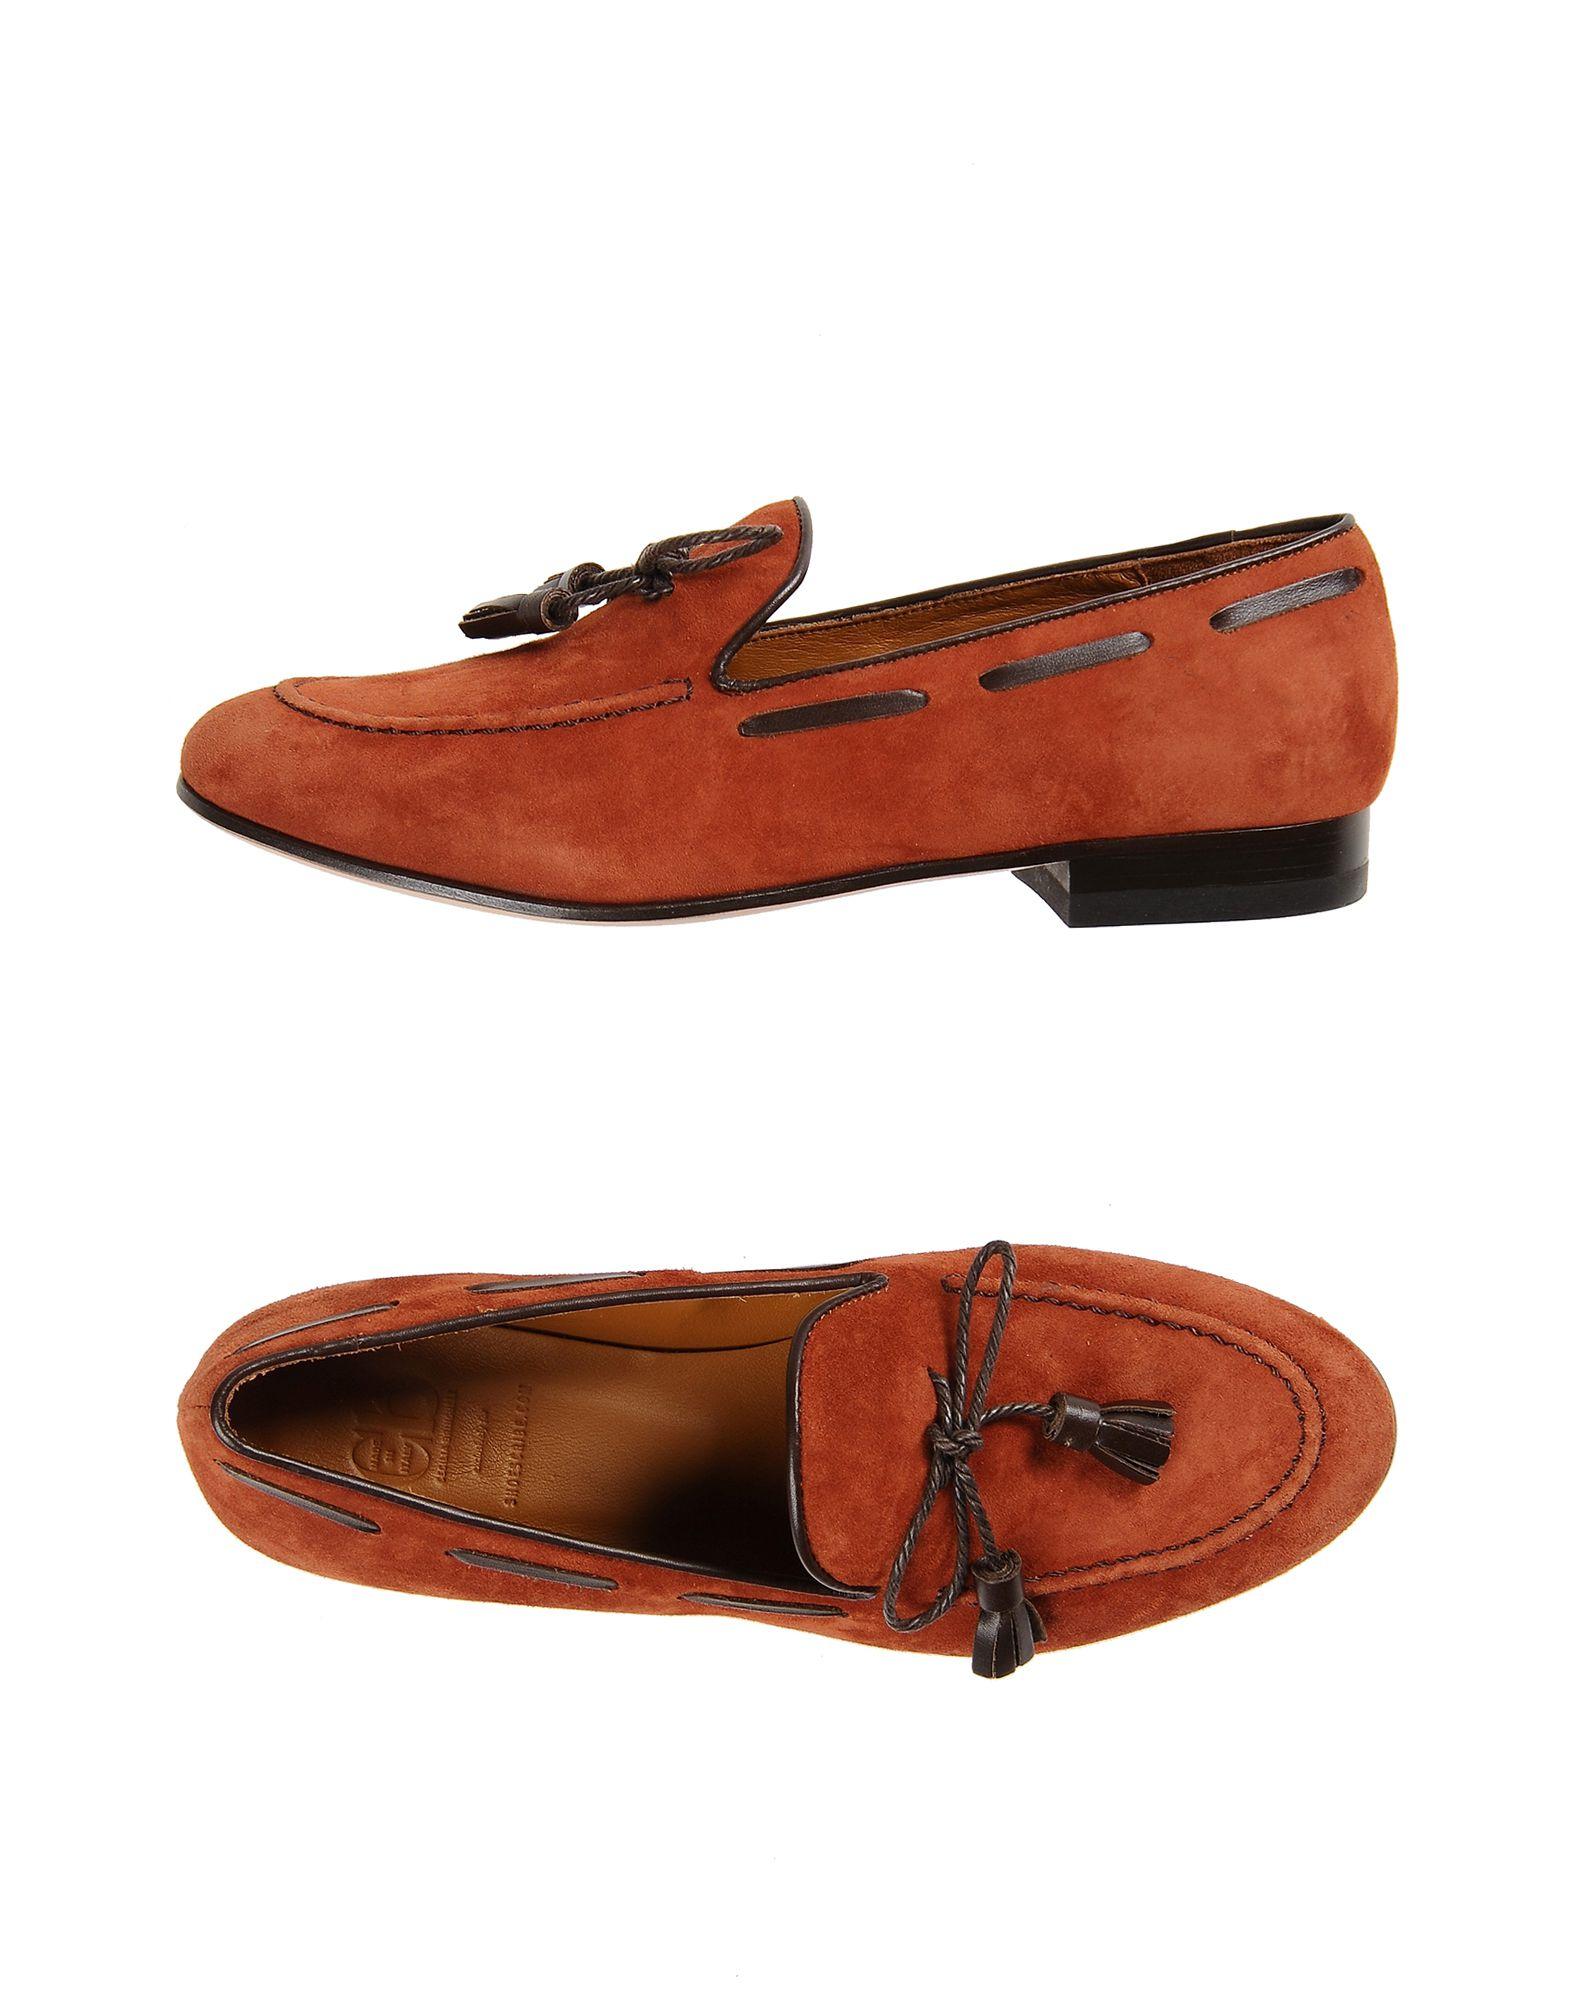 CB CECILIA BRINGHELI Loafers in Rust